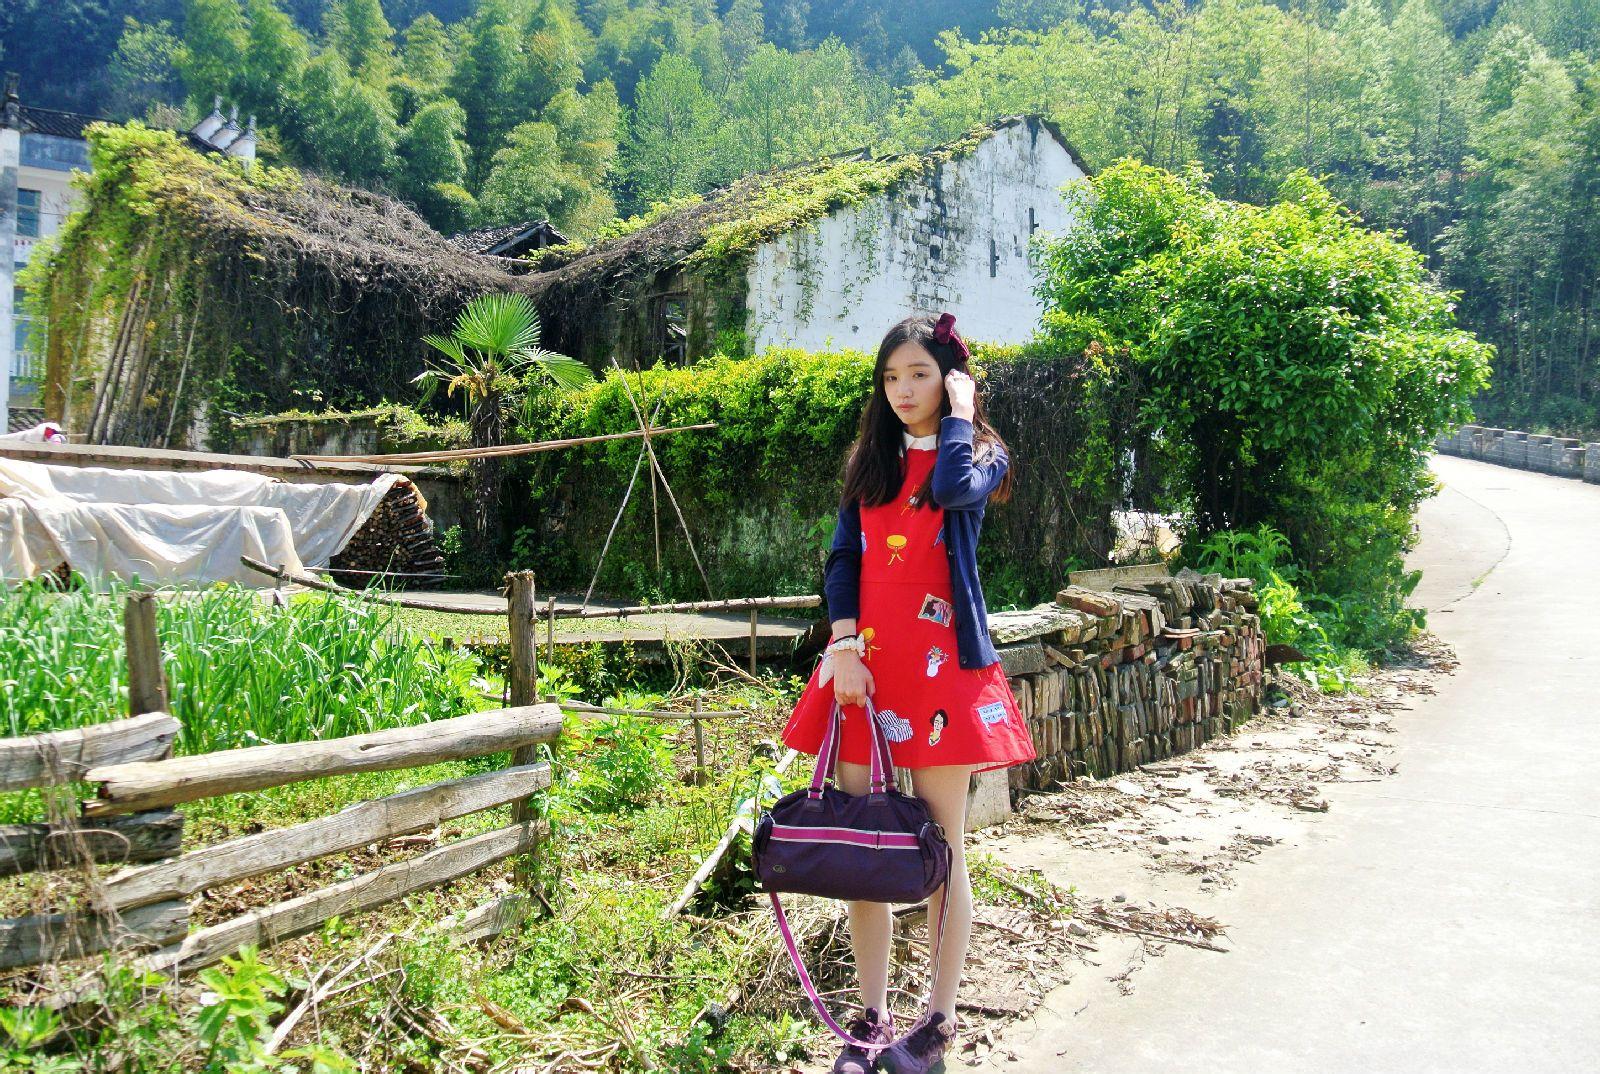 去云南旅行穿衣打扮_【笨欣の旅行笔记】姑娘在路上应该怎么穿,穿衣进阶篇